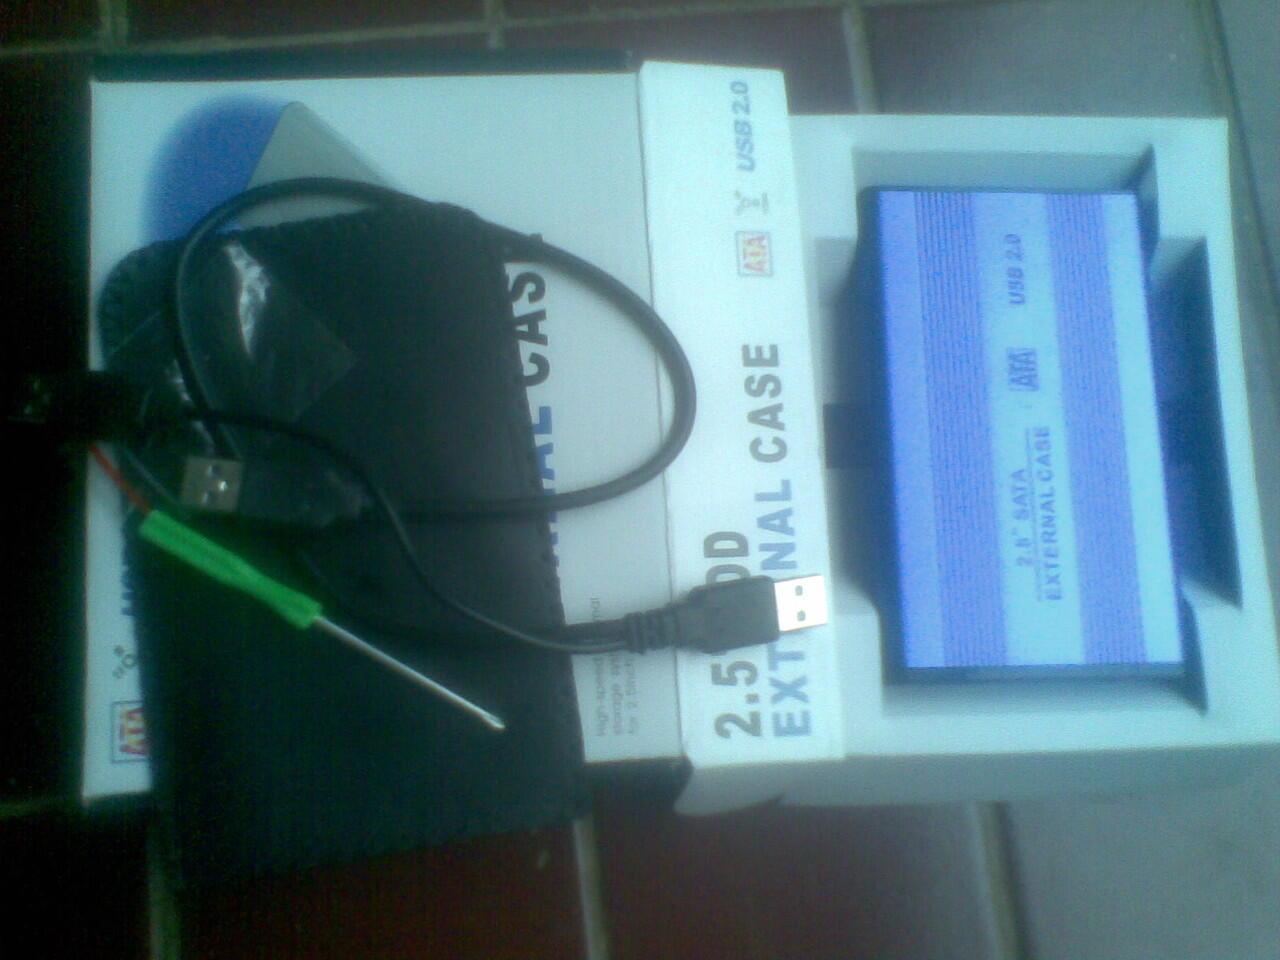 hdd external 640G